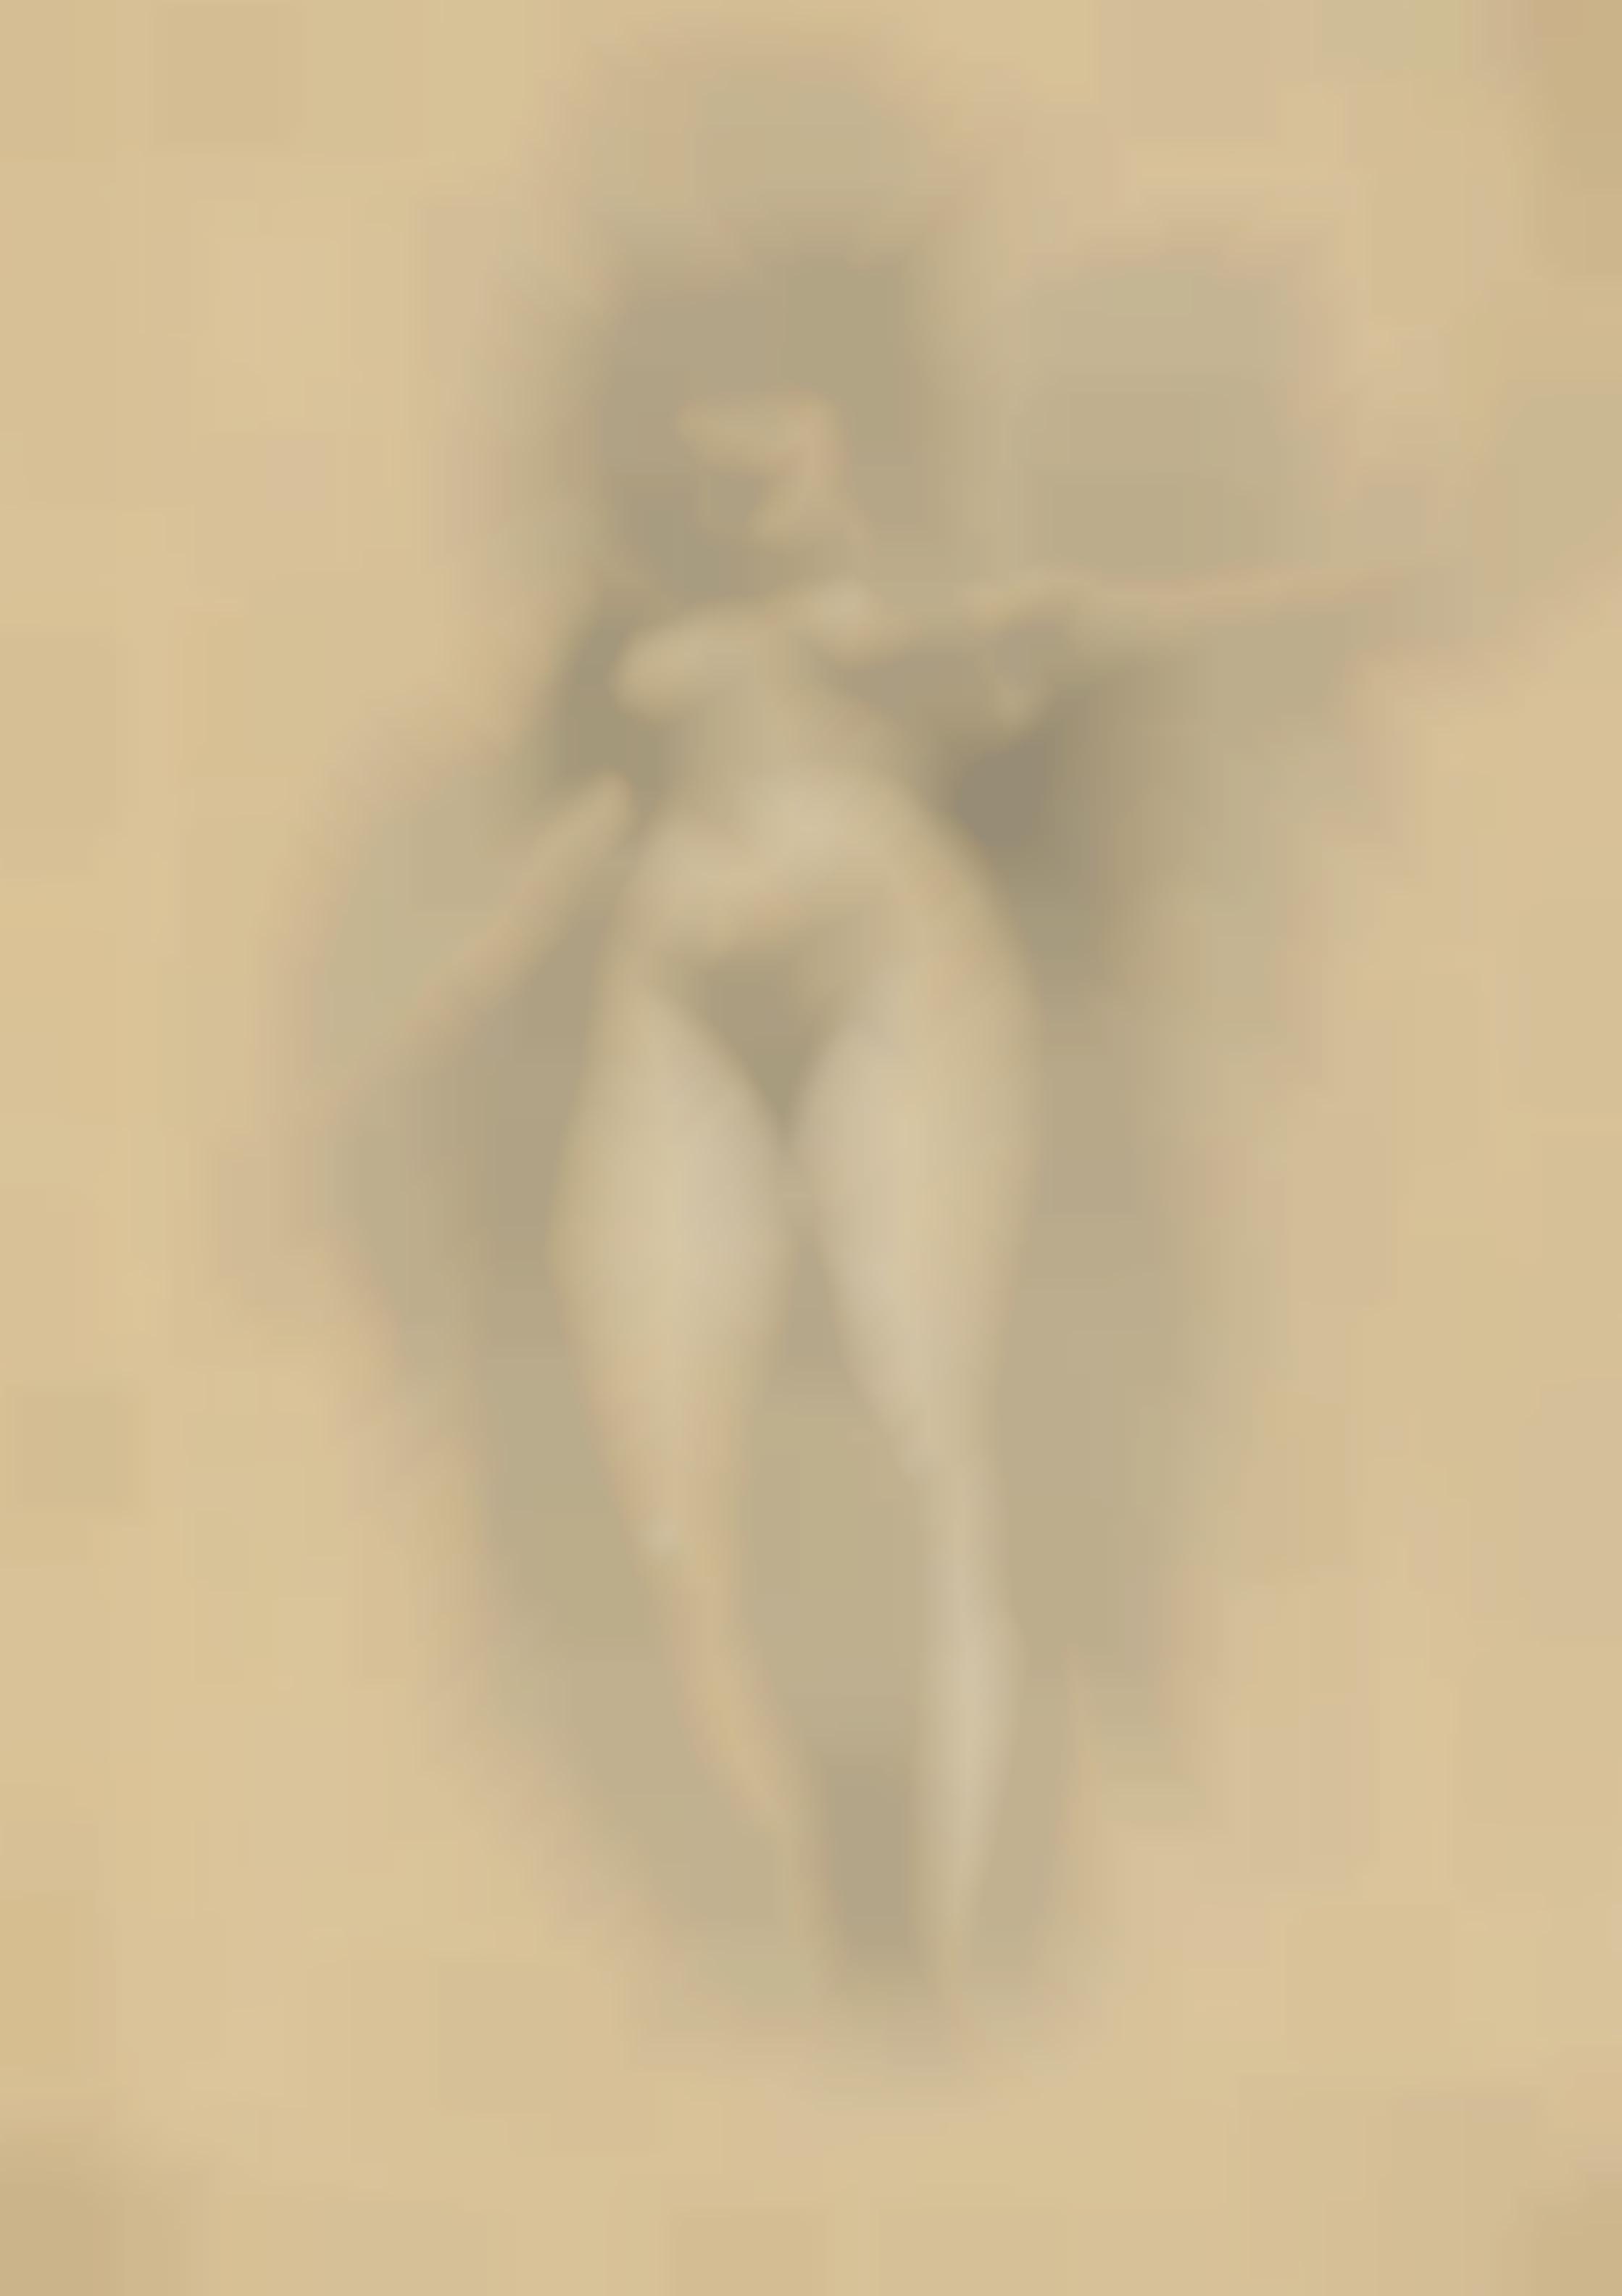 Gustav Klimt-Schwebende Vor Dunklem Hintergrund-1896